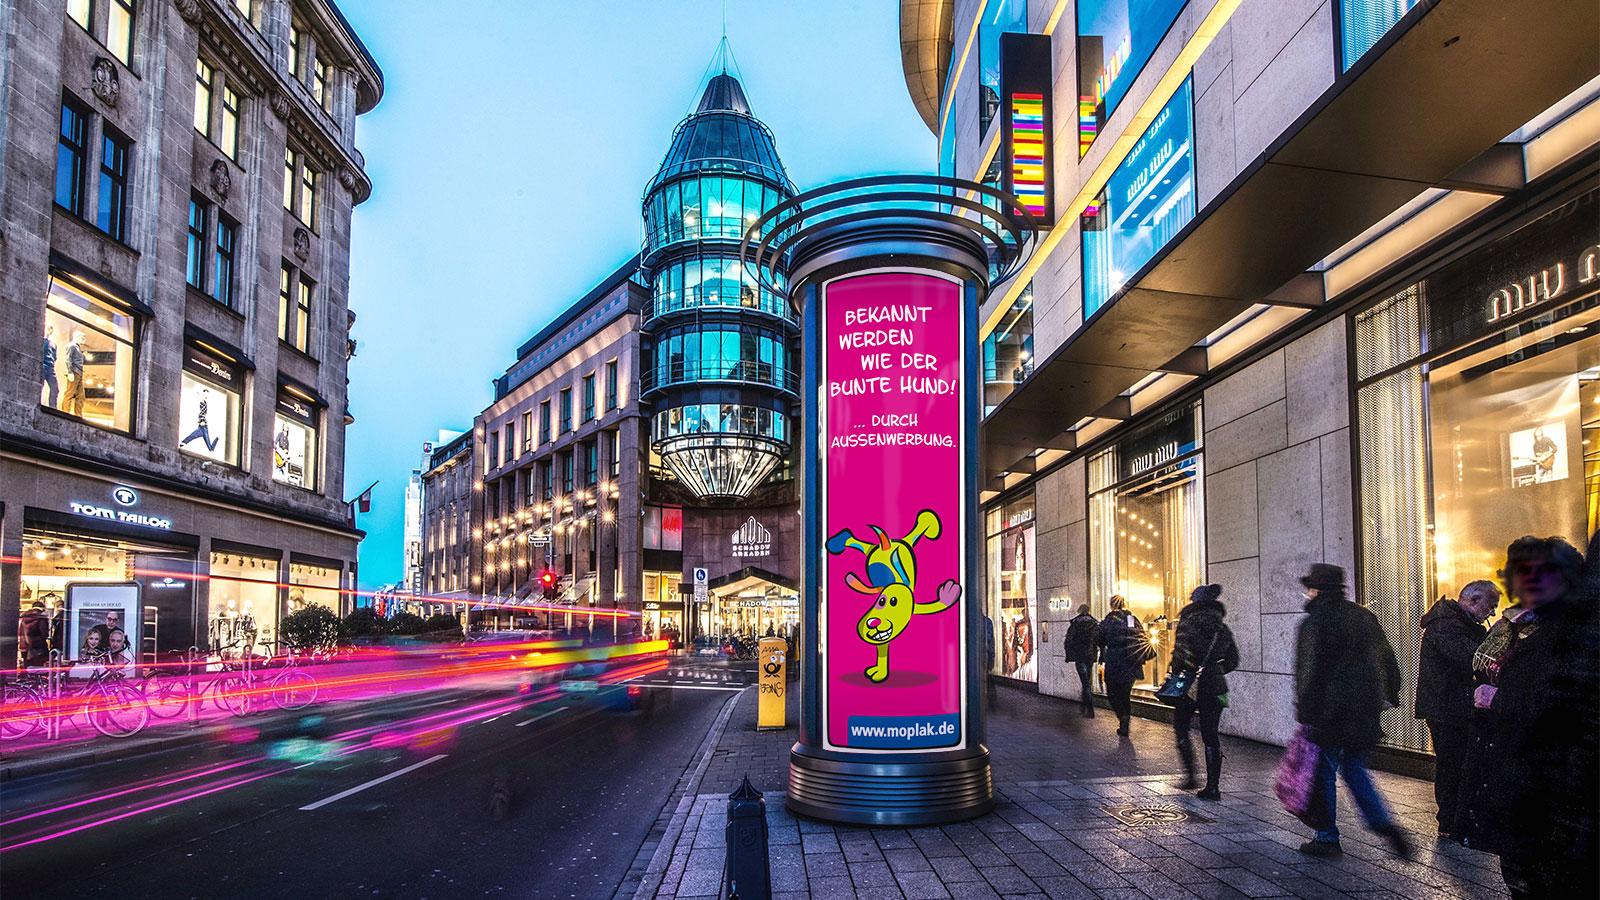 Erlangen-Aussenwerbung-Litfasssaeule-Werbung